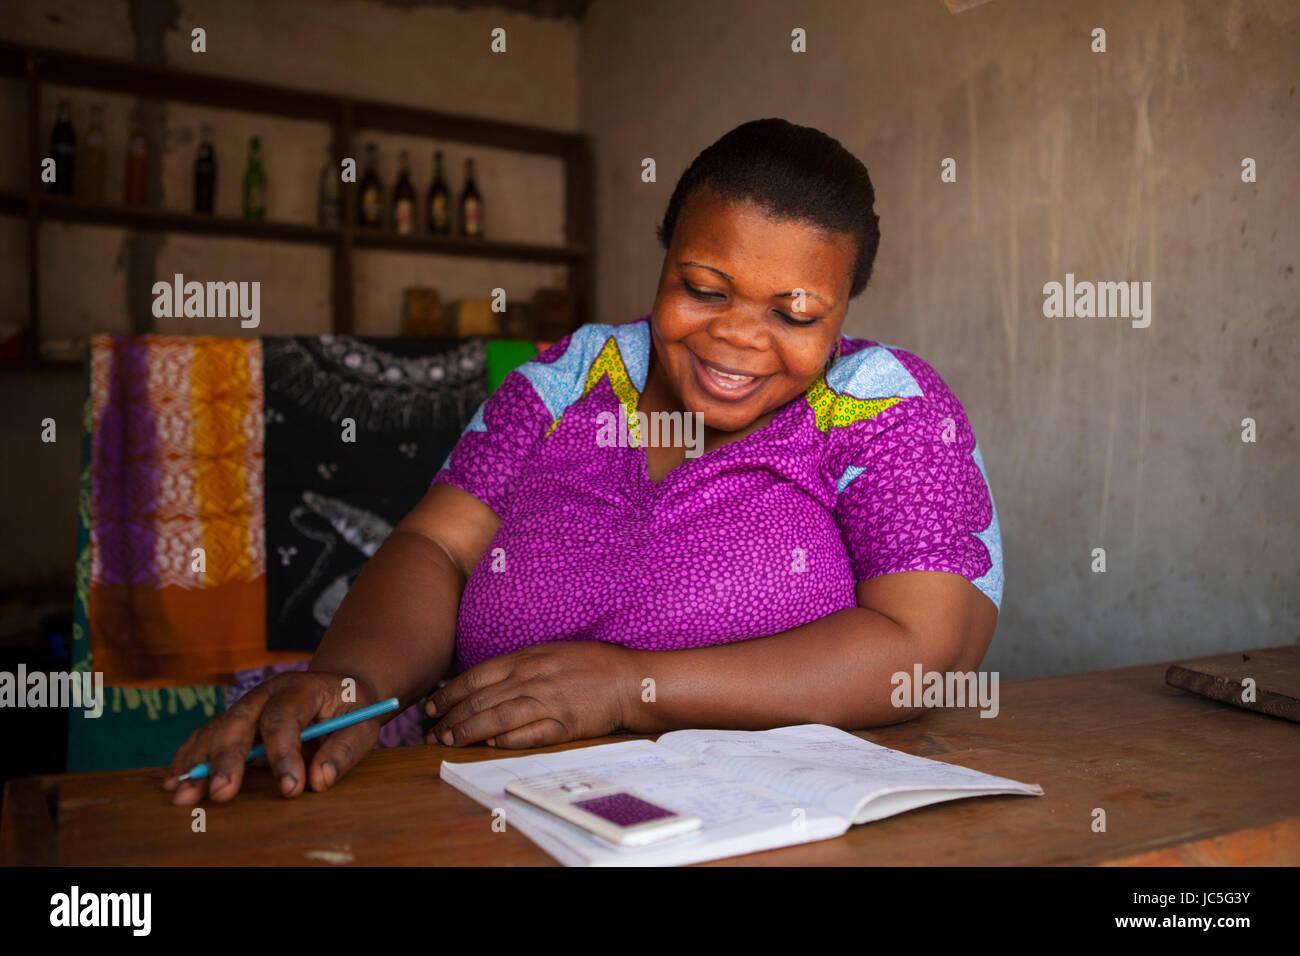 Una femmina di proprietario di piccola impresa facendo qualche libro mantenendo, Tanzania africa Immagini Stock